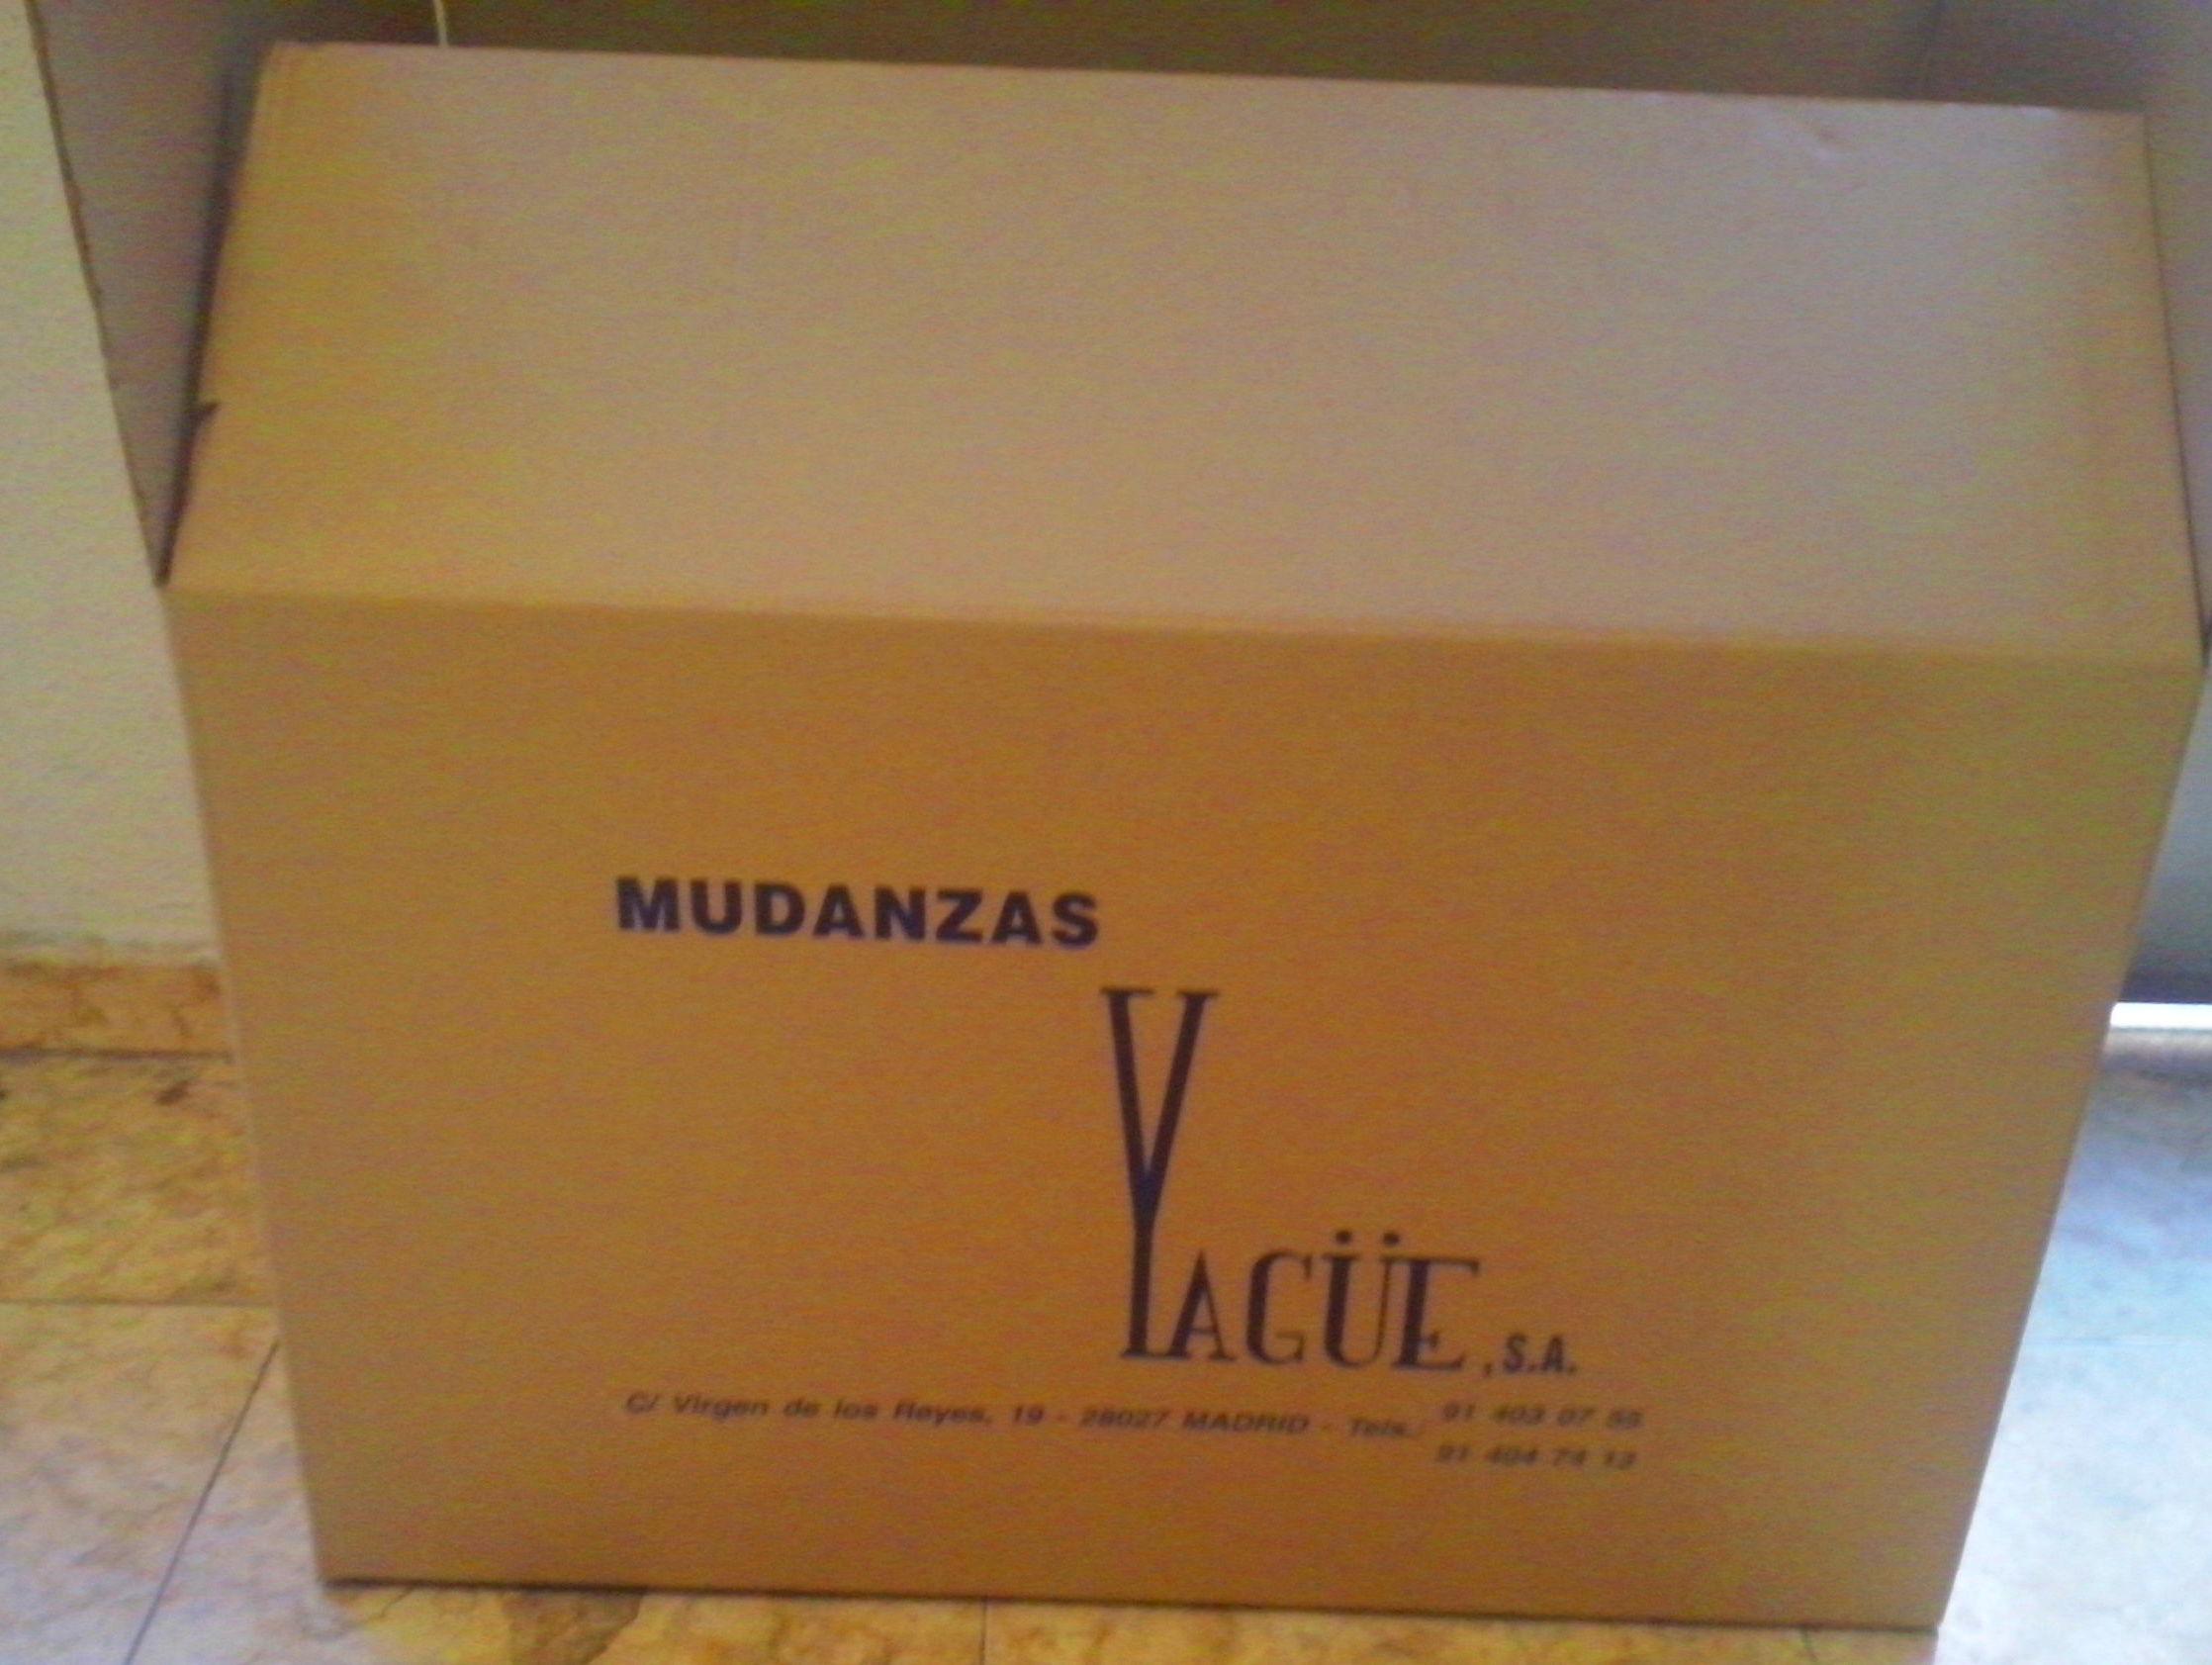 Foto 33 de Mudanzas y guardamuebles en Madrid | Mudanzas Yagüe              914047413